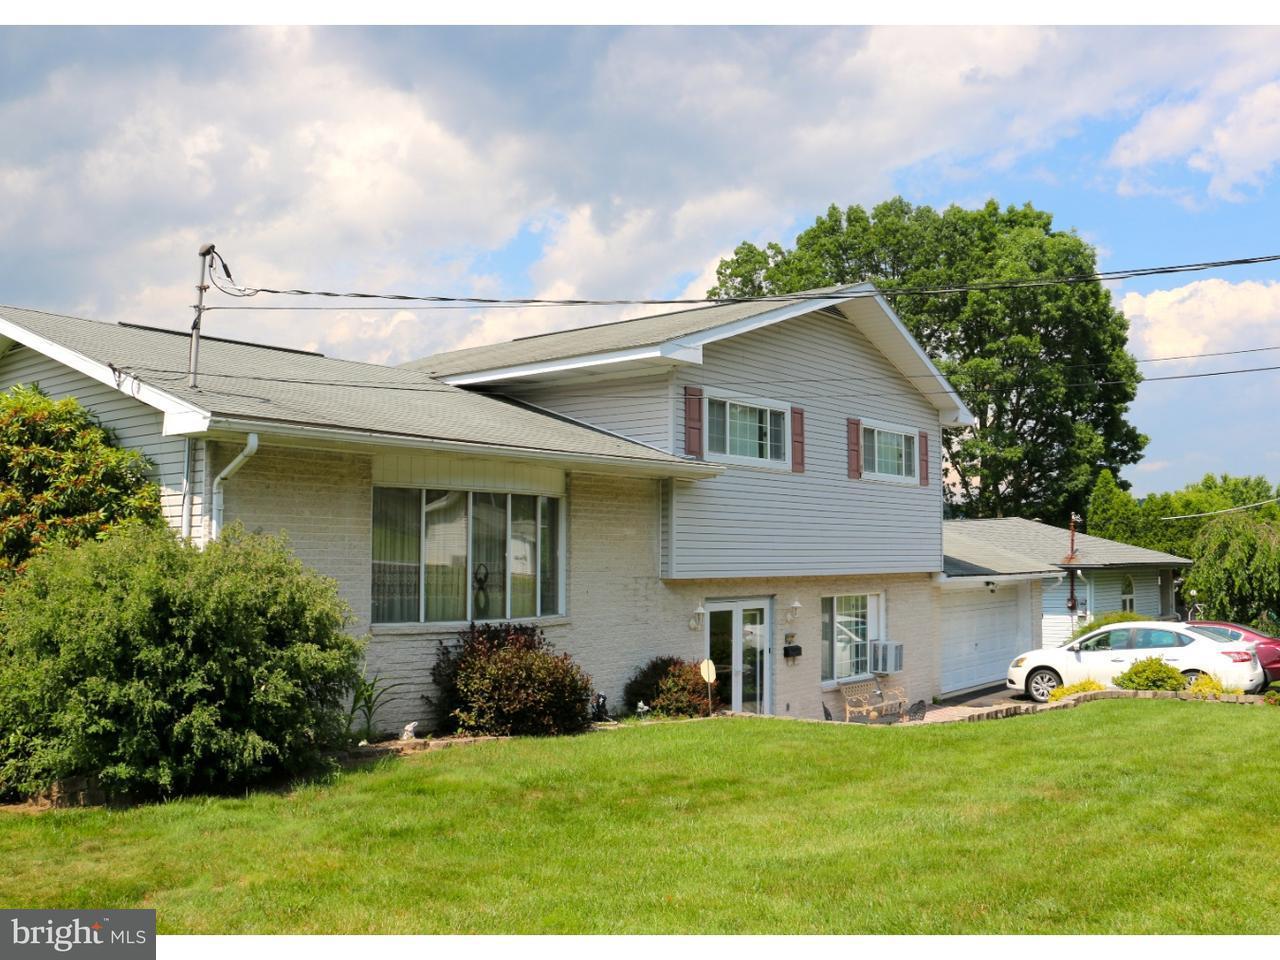 Maison unifamiliale pour l Vente à 517 W NICHOLAS Street Frackville, Pennsylvanie 17931 États-Unis